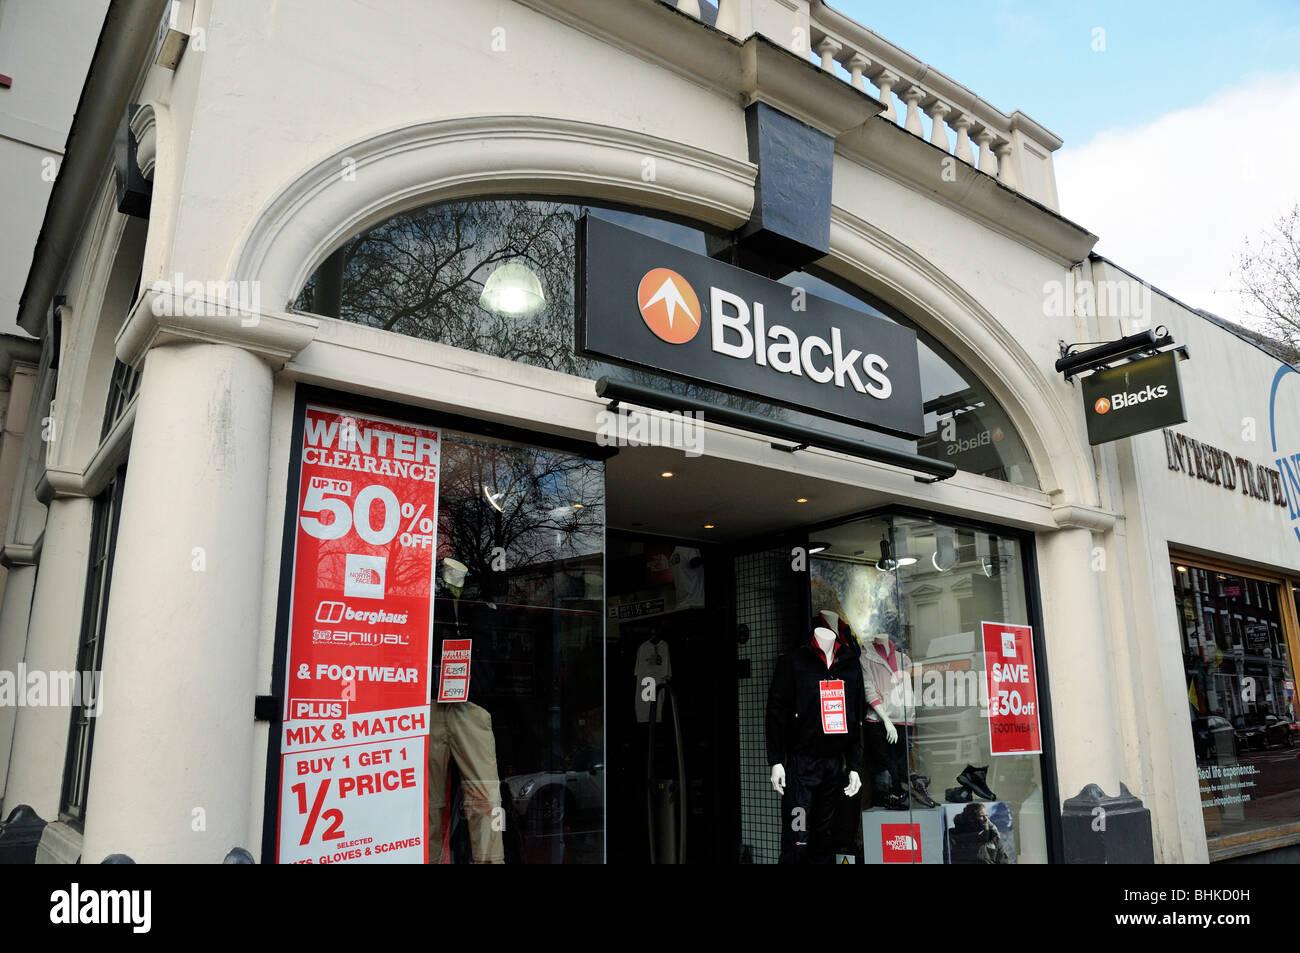 Los negros tienda de equipamiento exterior Islington, Londres, Inglaterra Imagen De Stock